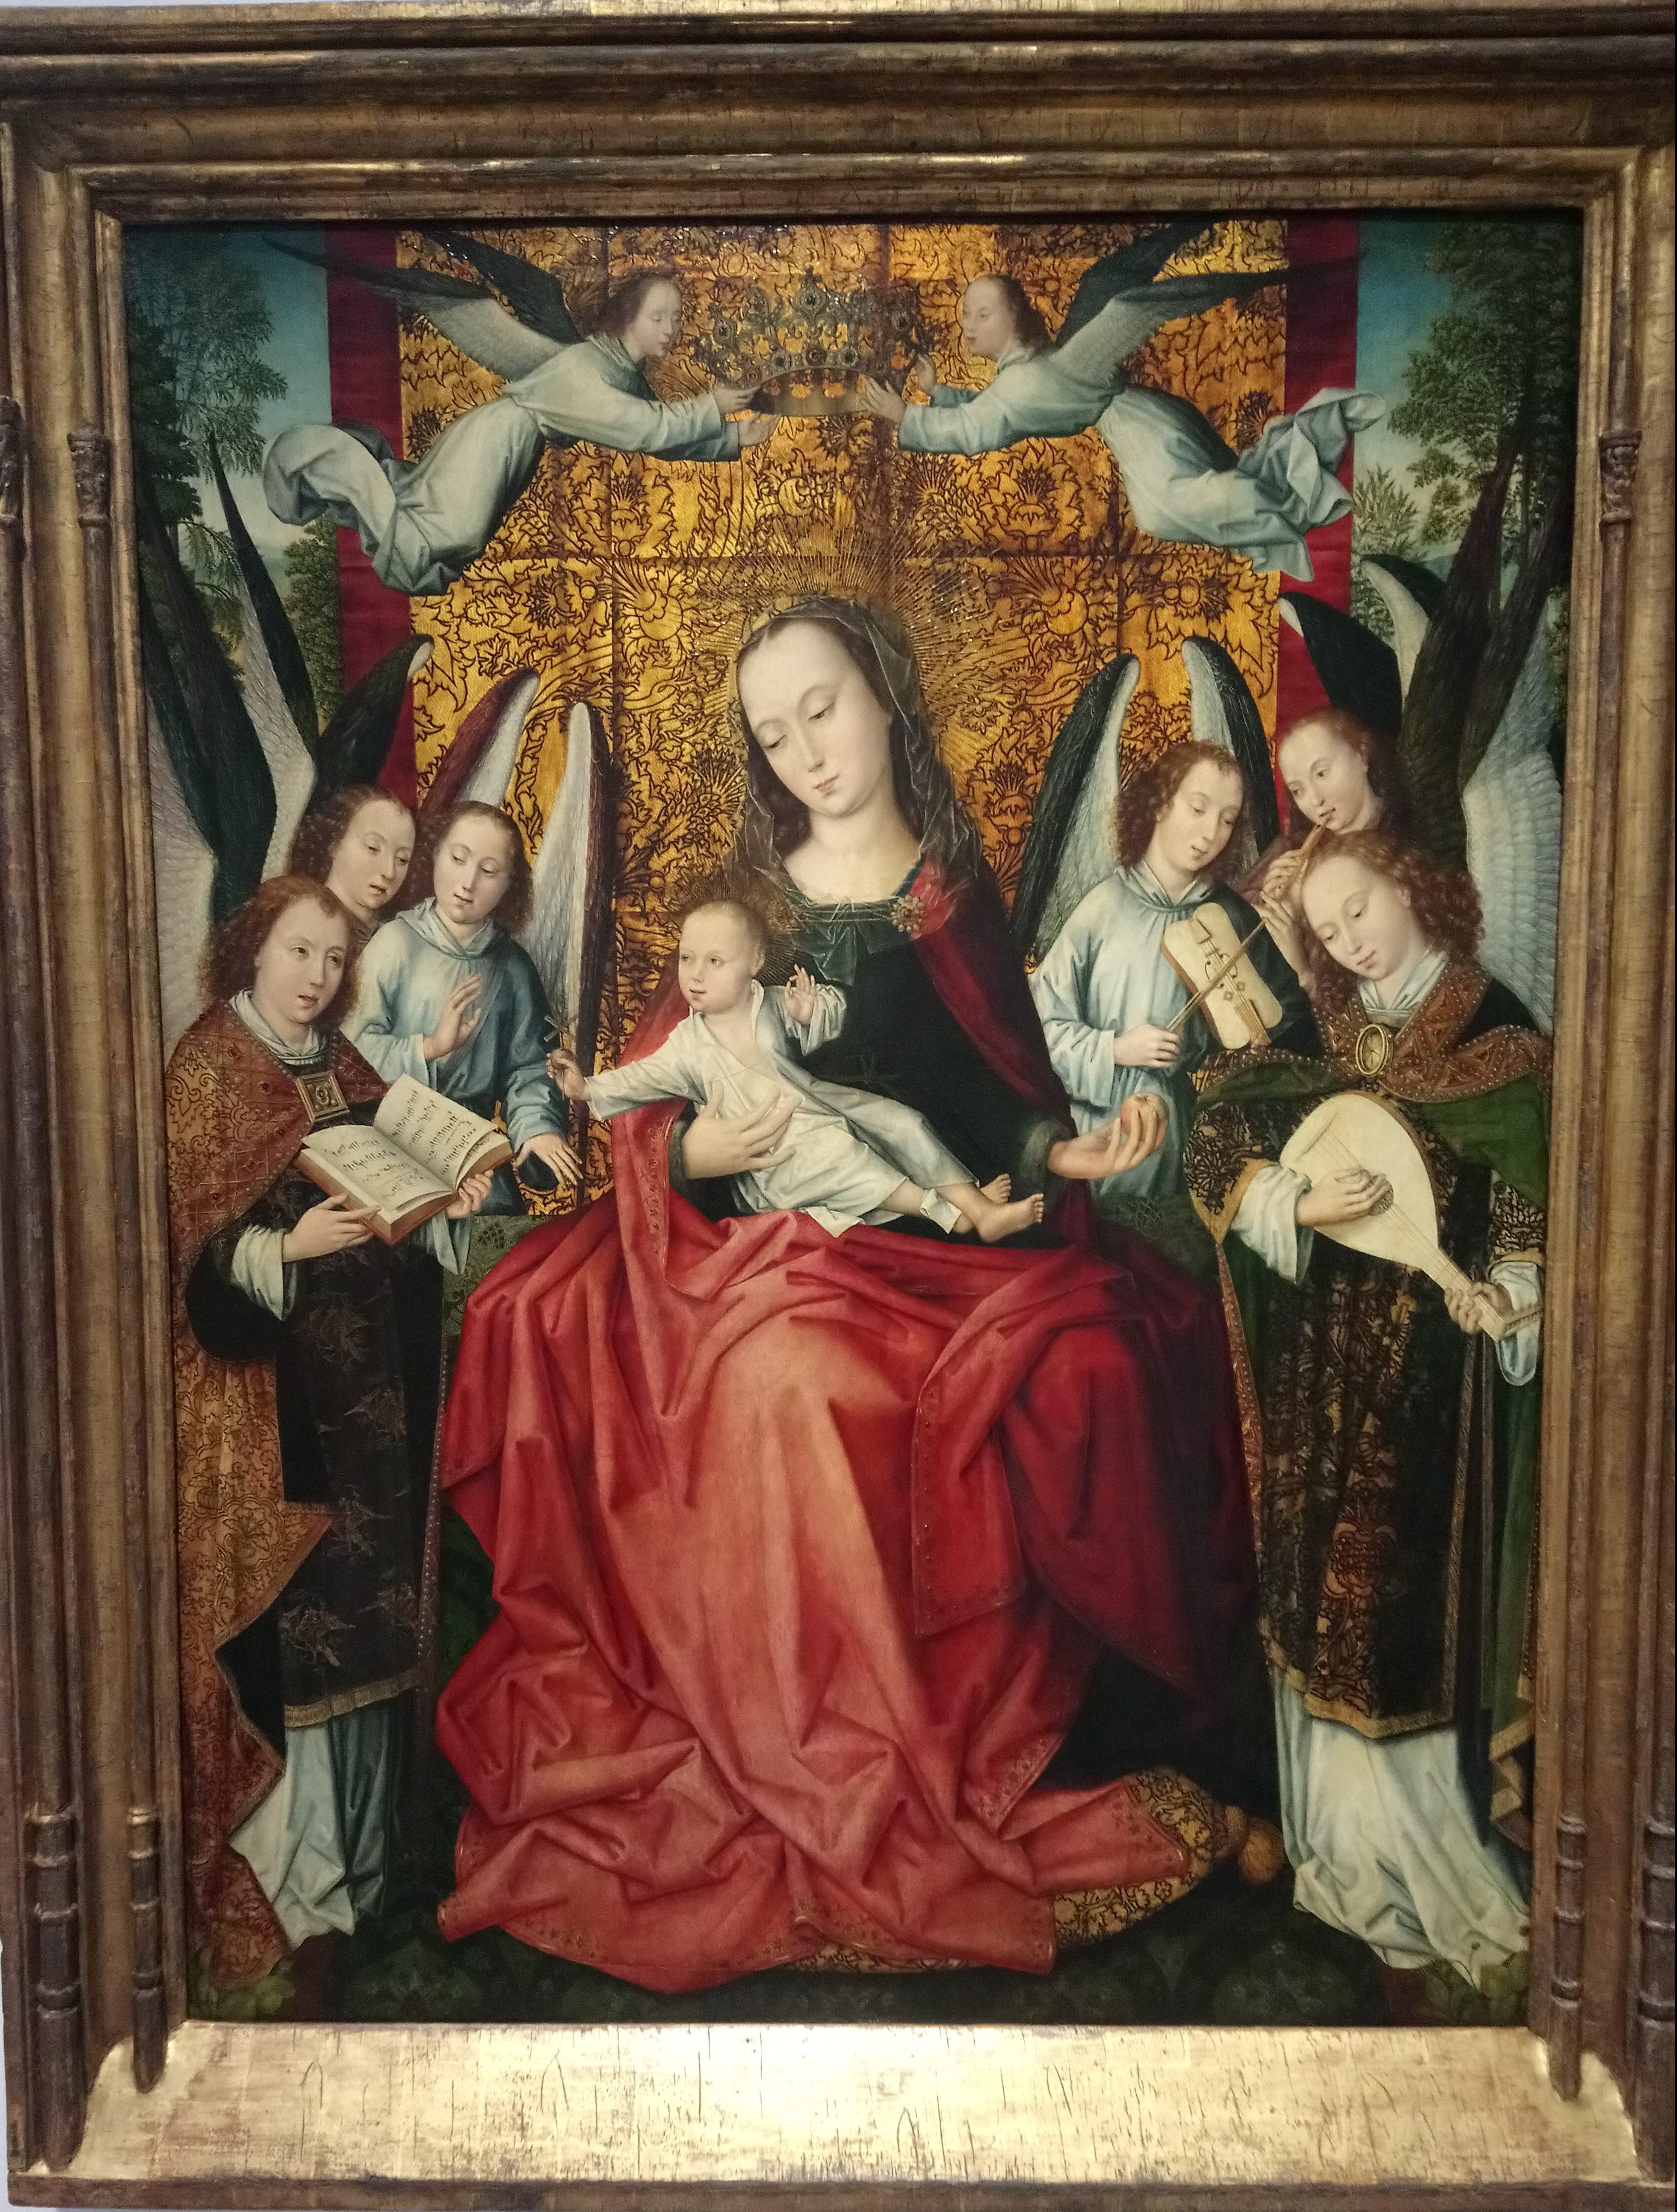 136 - maître du feuillage en broderie - Vierge à l'enfant entourée d'anges musiciens